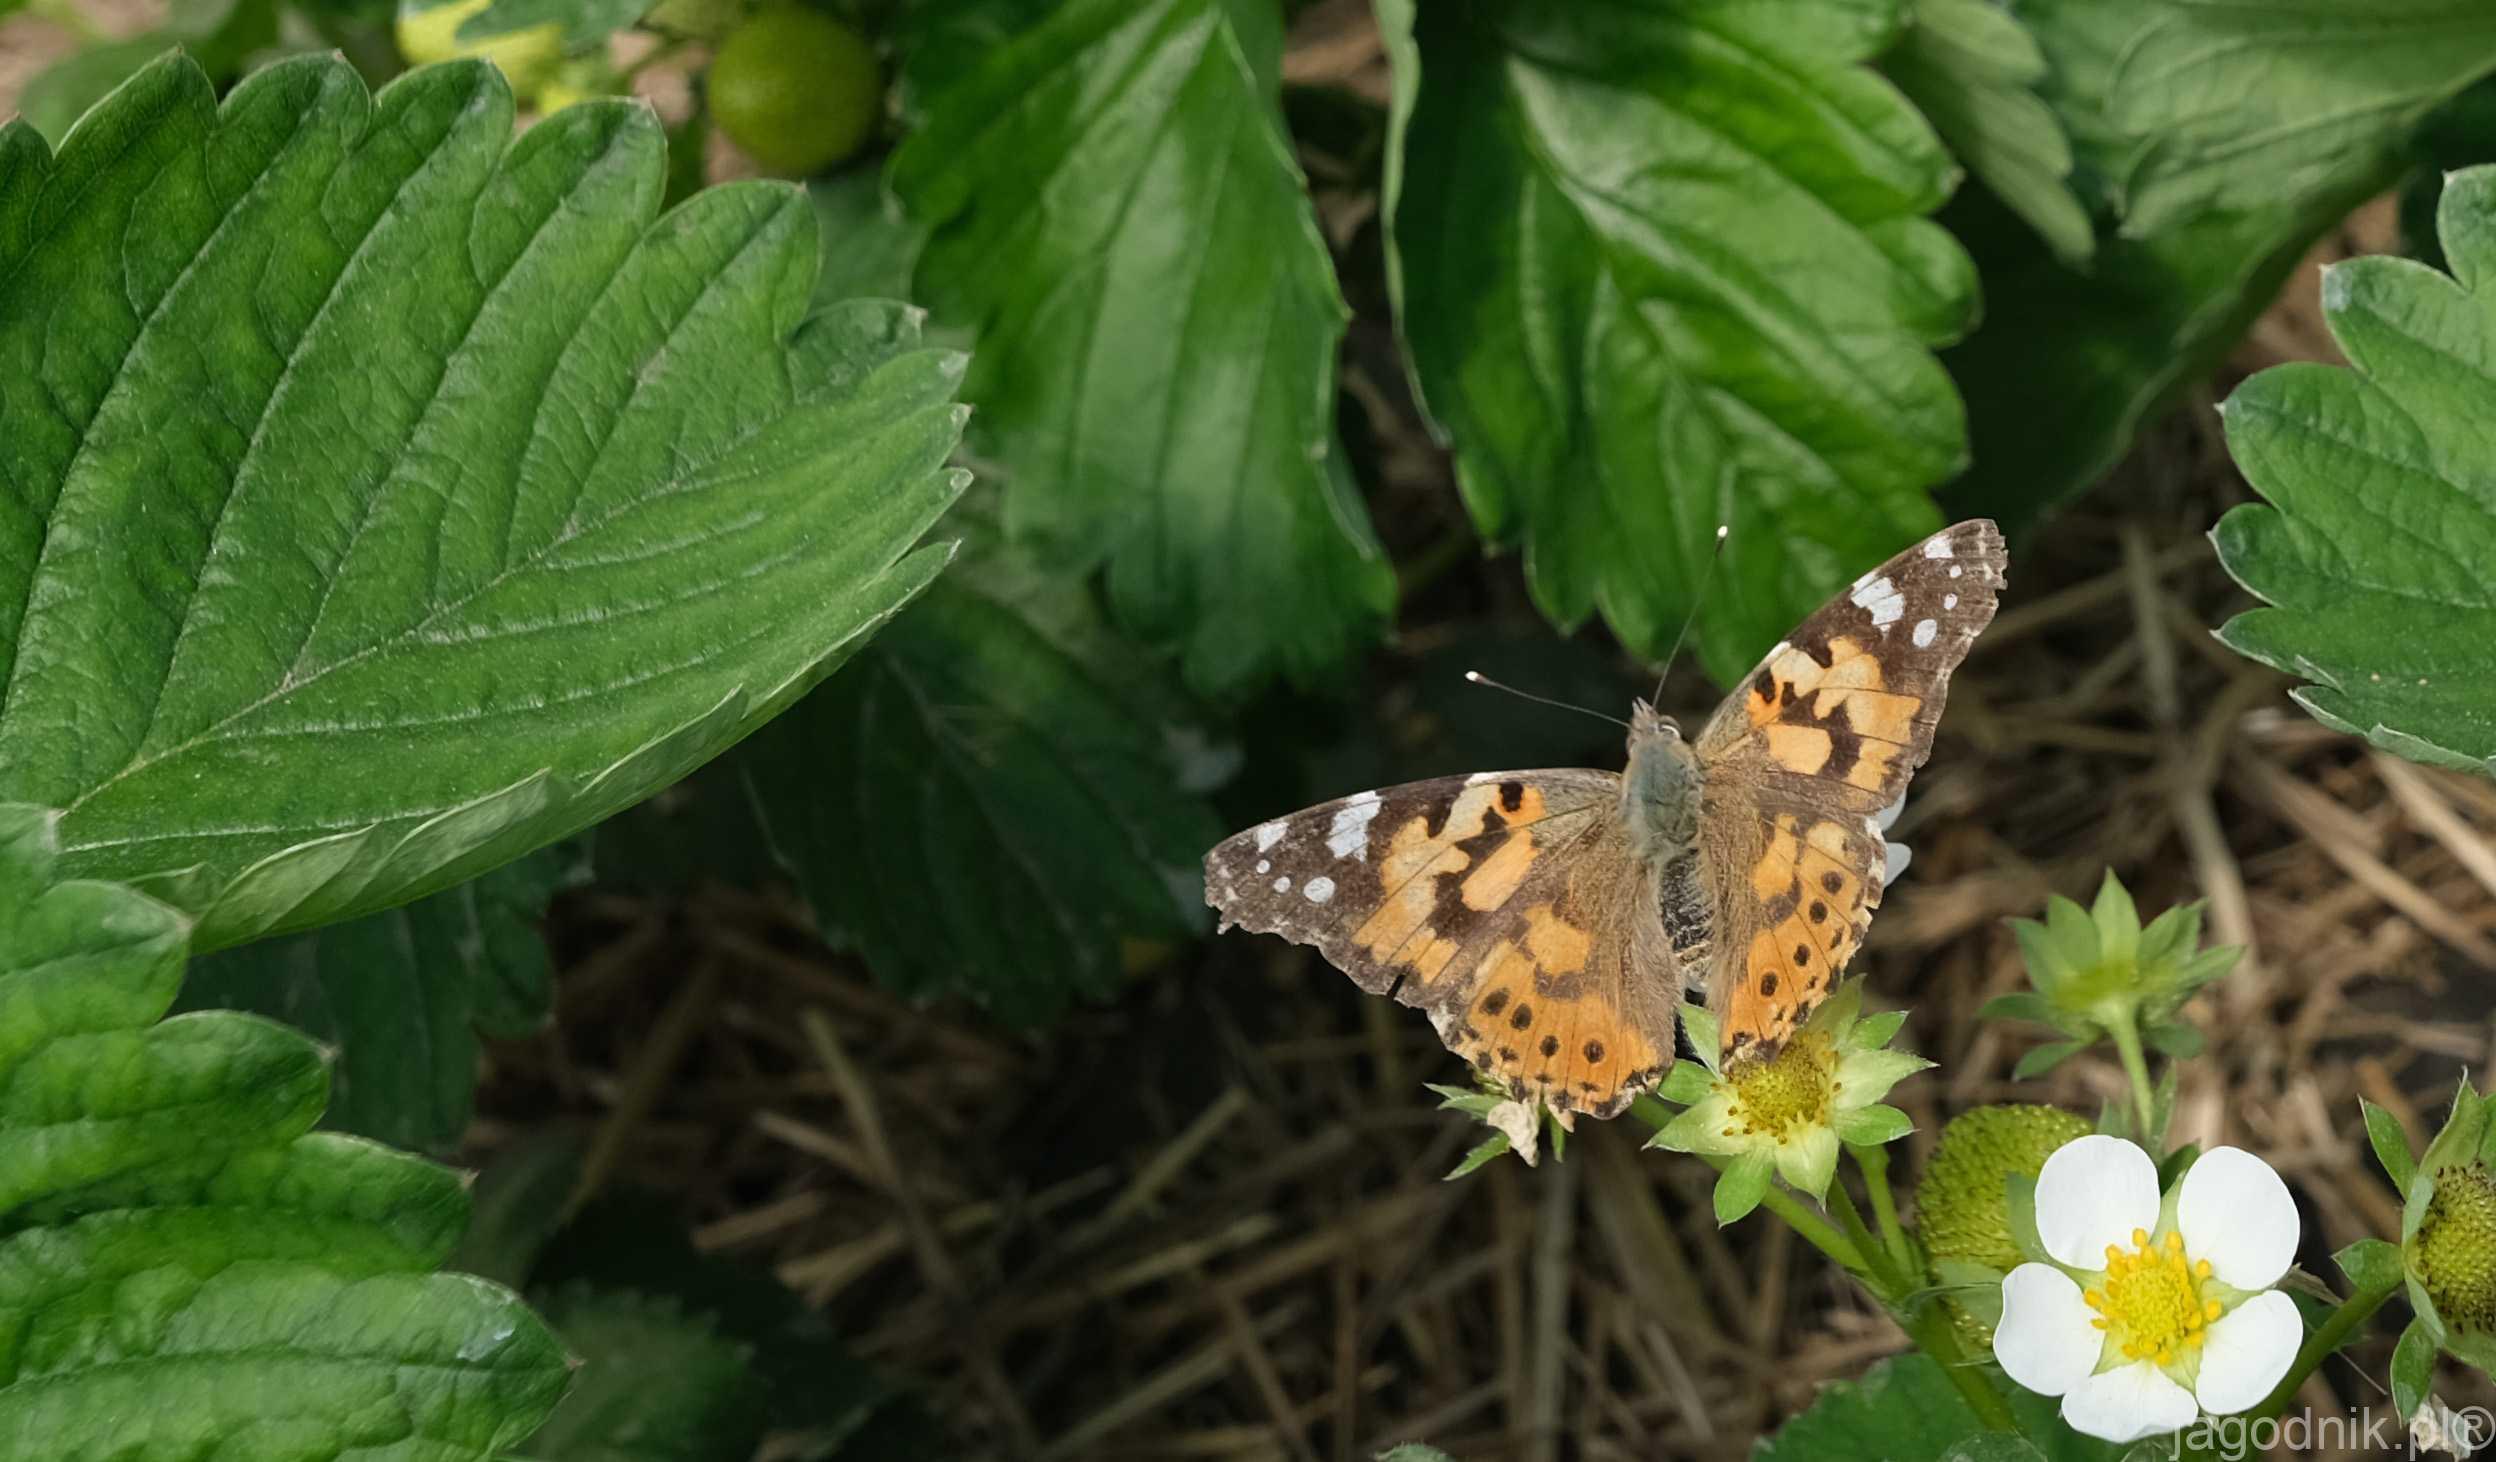 Motyle Tez Zapylaja Kwiaty Niezwykli Przybysze Jagodnik